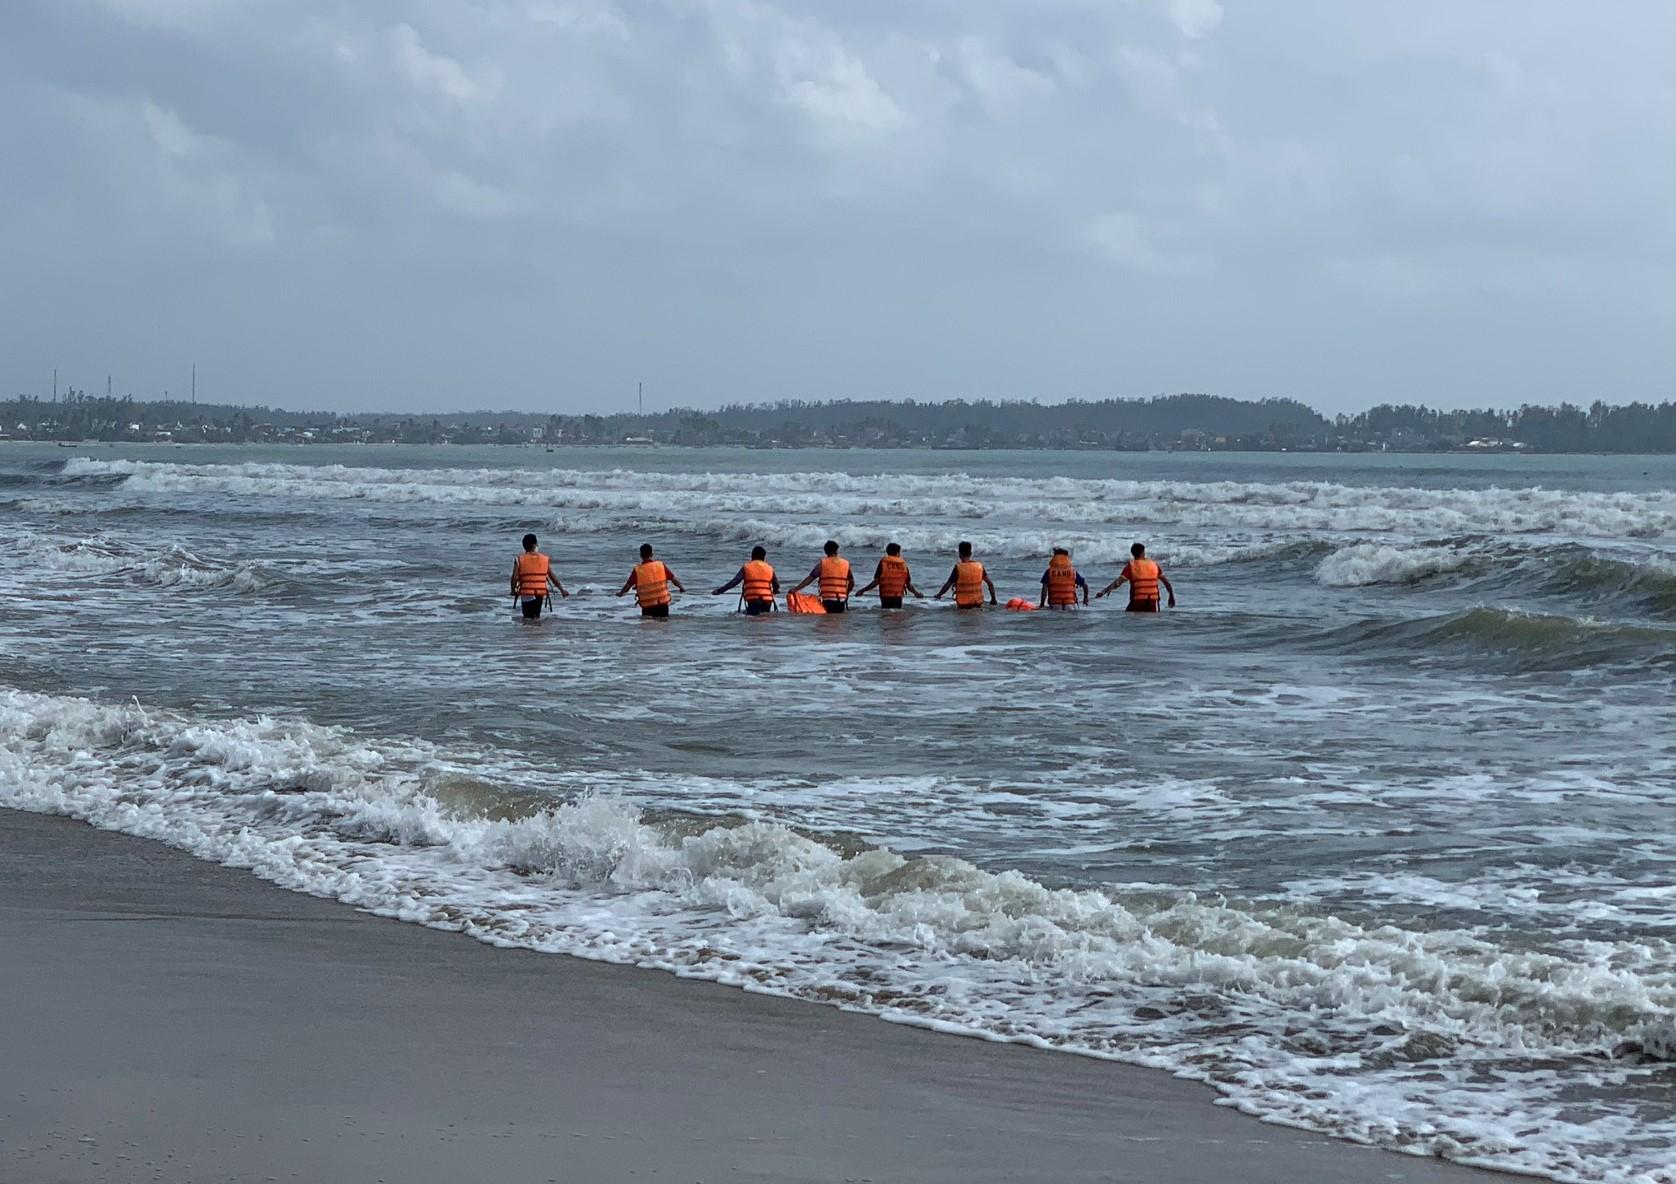 Lực lượng cứu hộ tìm kiếm nam sinh mất tích ở bãi tắm Mỹ Khê. Ảnh: Thạch Thảo.